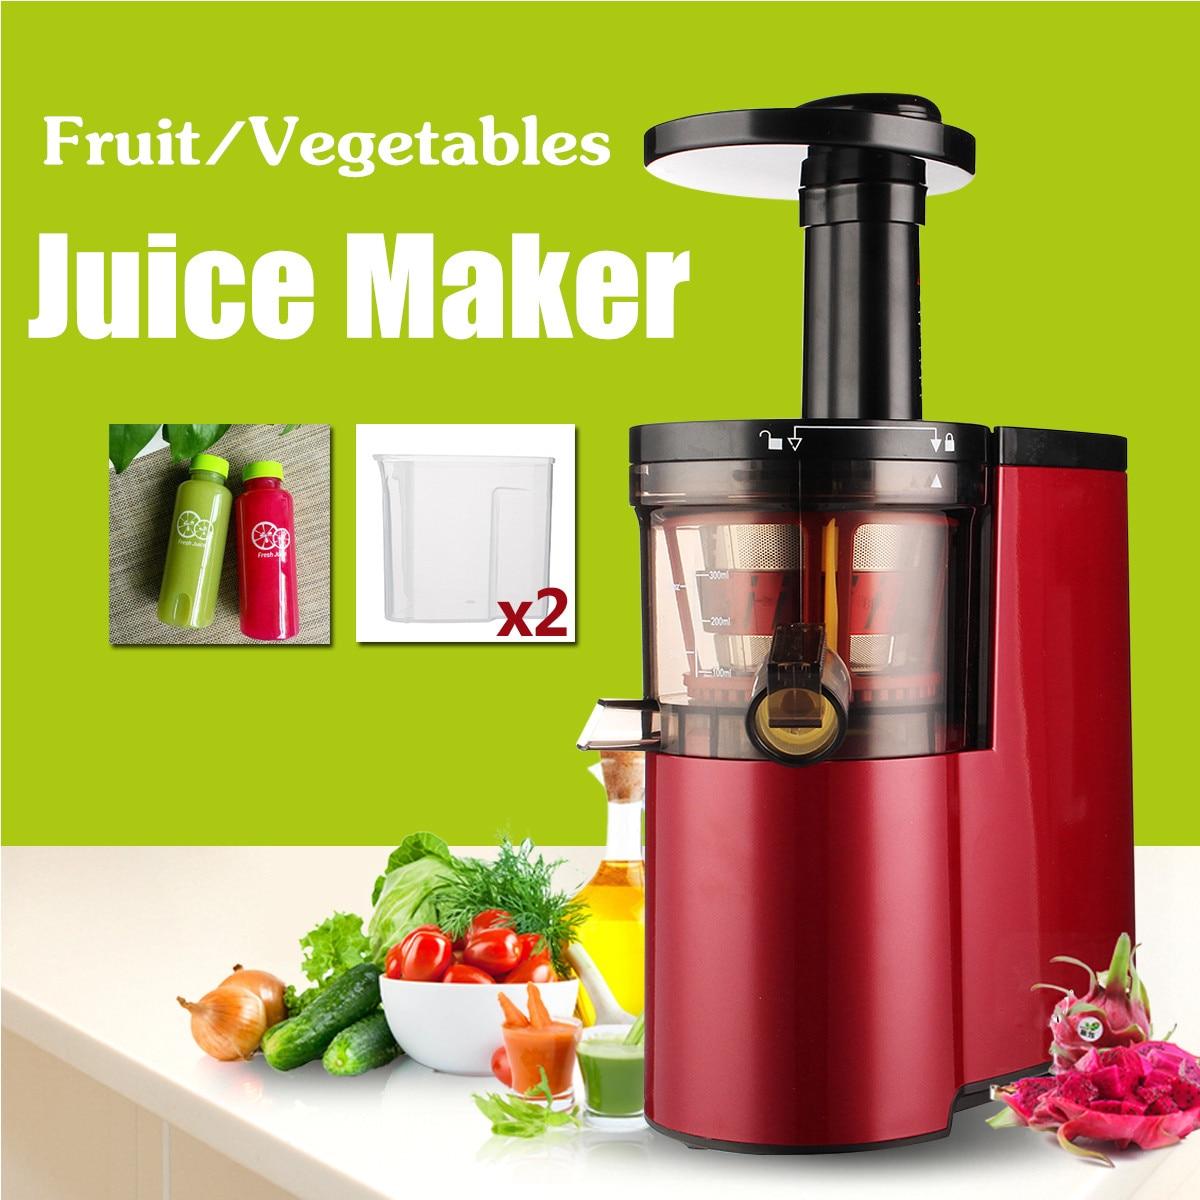 220 v Presse-agrumes Lente Électrique Fruits Légumes Basse Vitesse Machine À Jus Extracteur 150 w Auto-nettoyant Ultra-silencieux rouge Serrant